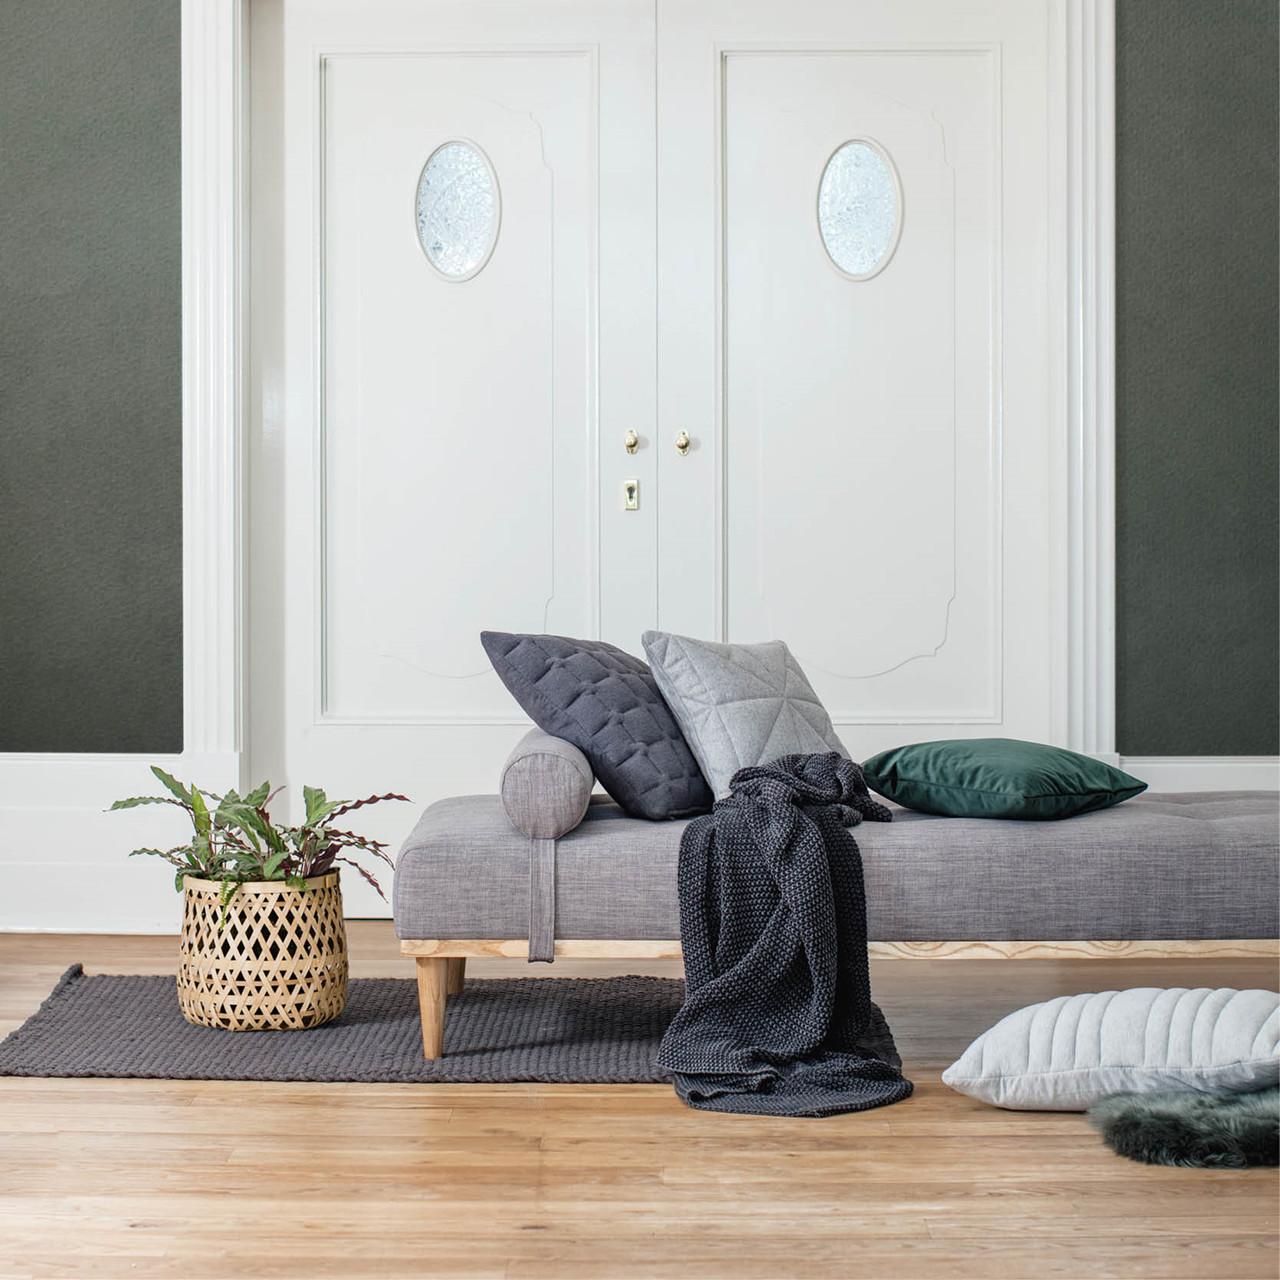 Cr ton maison nora quiltet pude 50 x 50 cm k b her for Creton maison